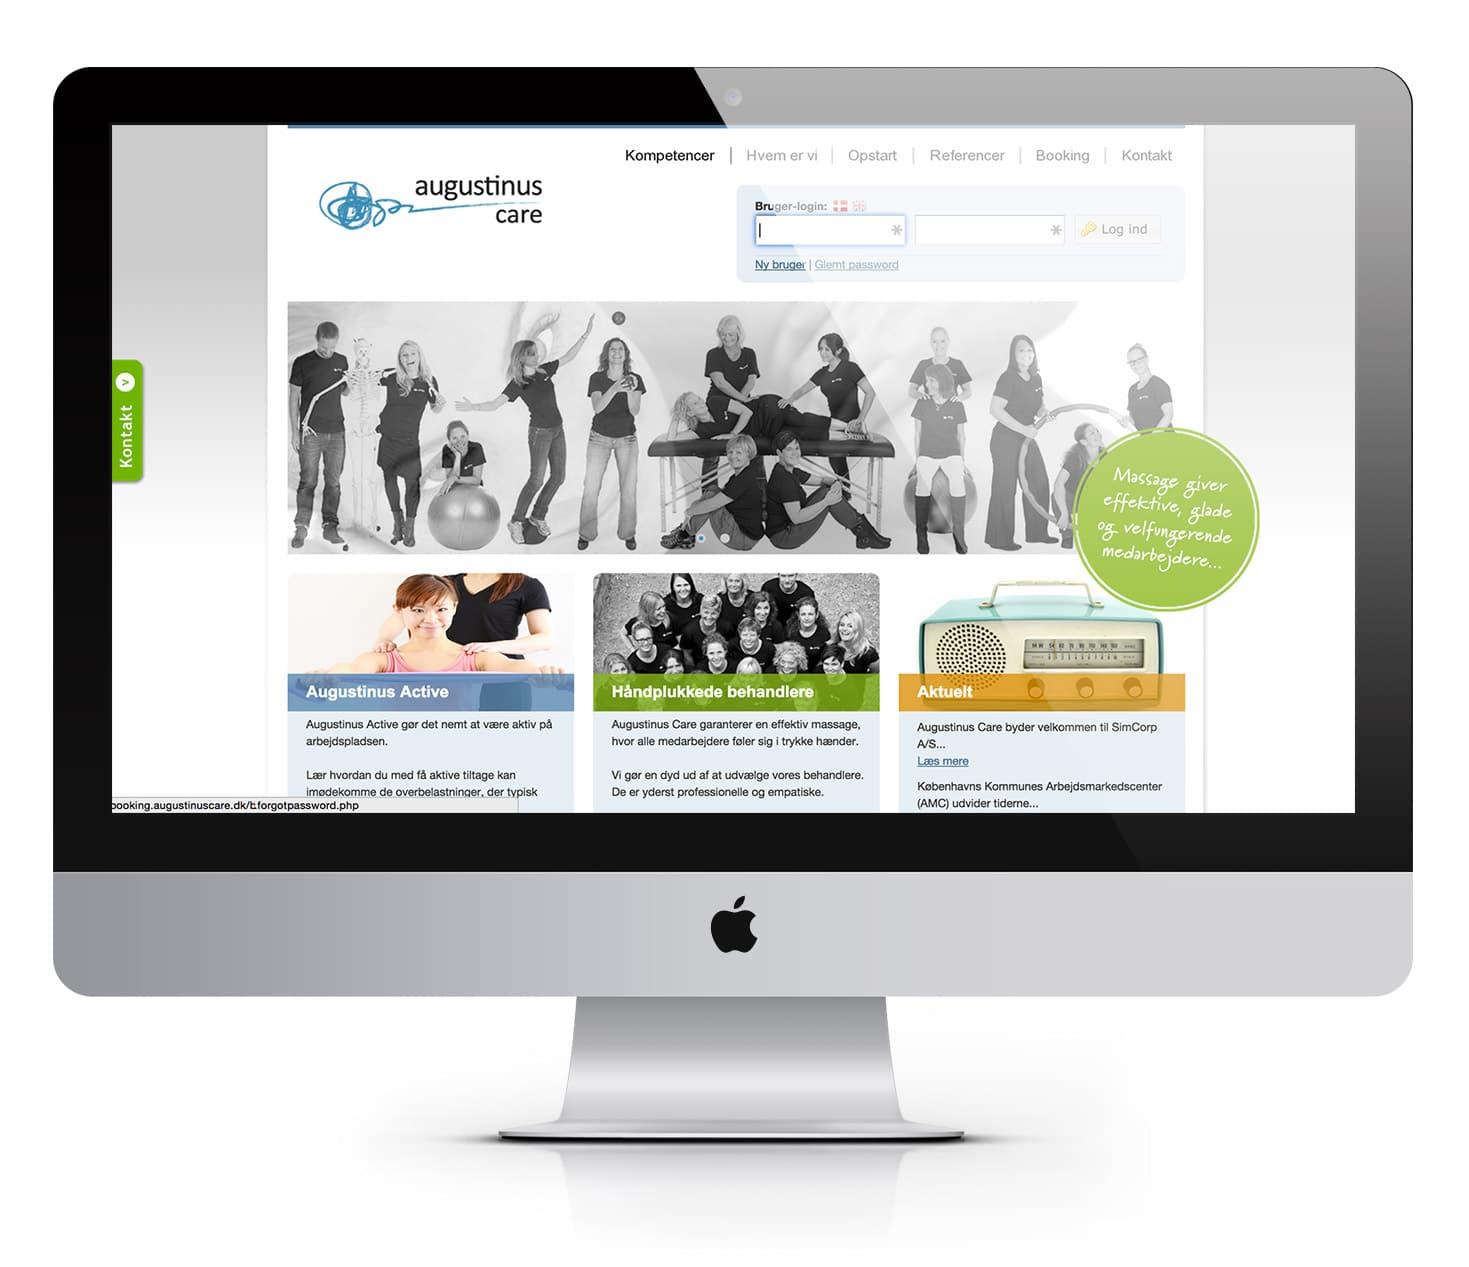 augustinus-care-oprindelig-webside